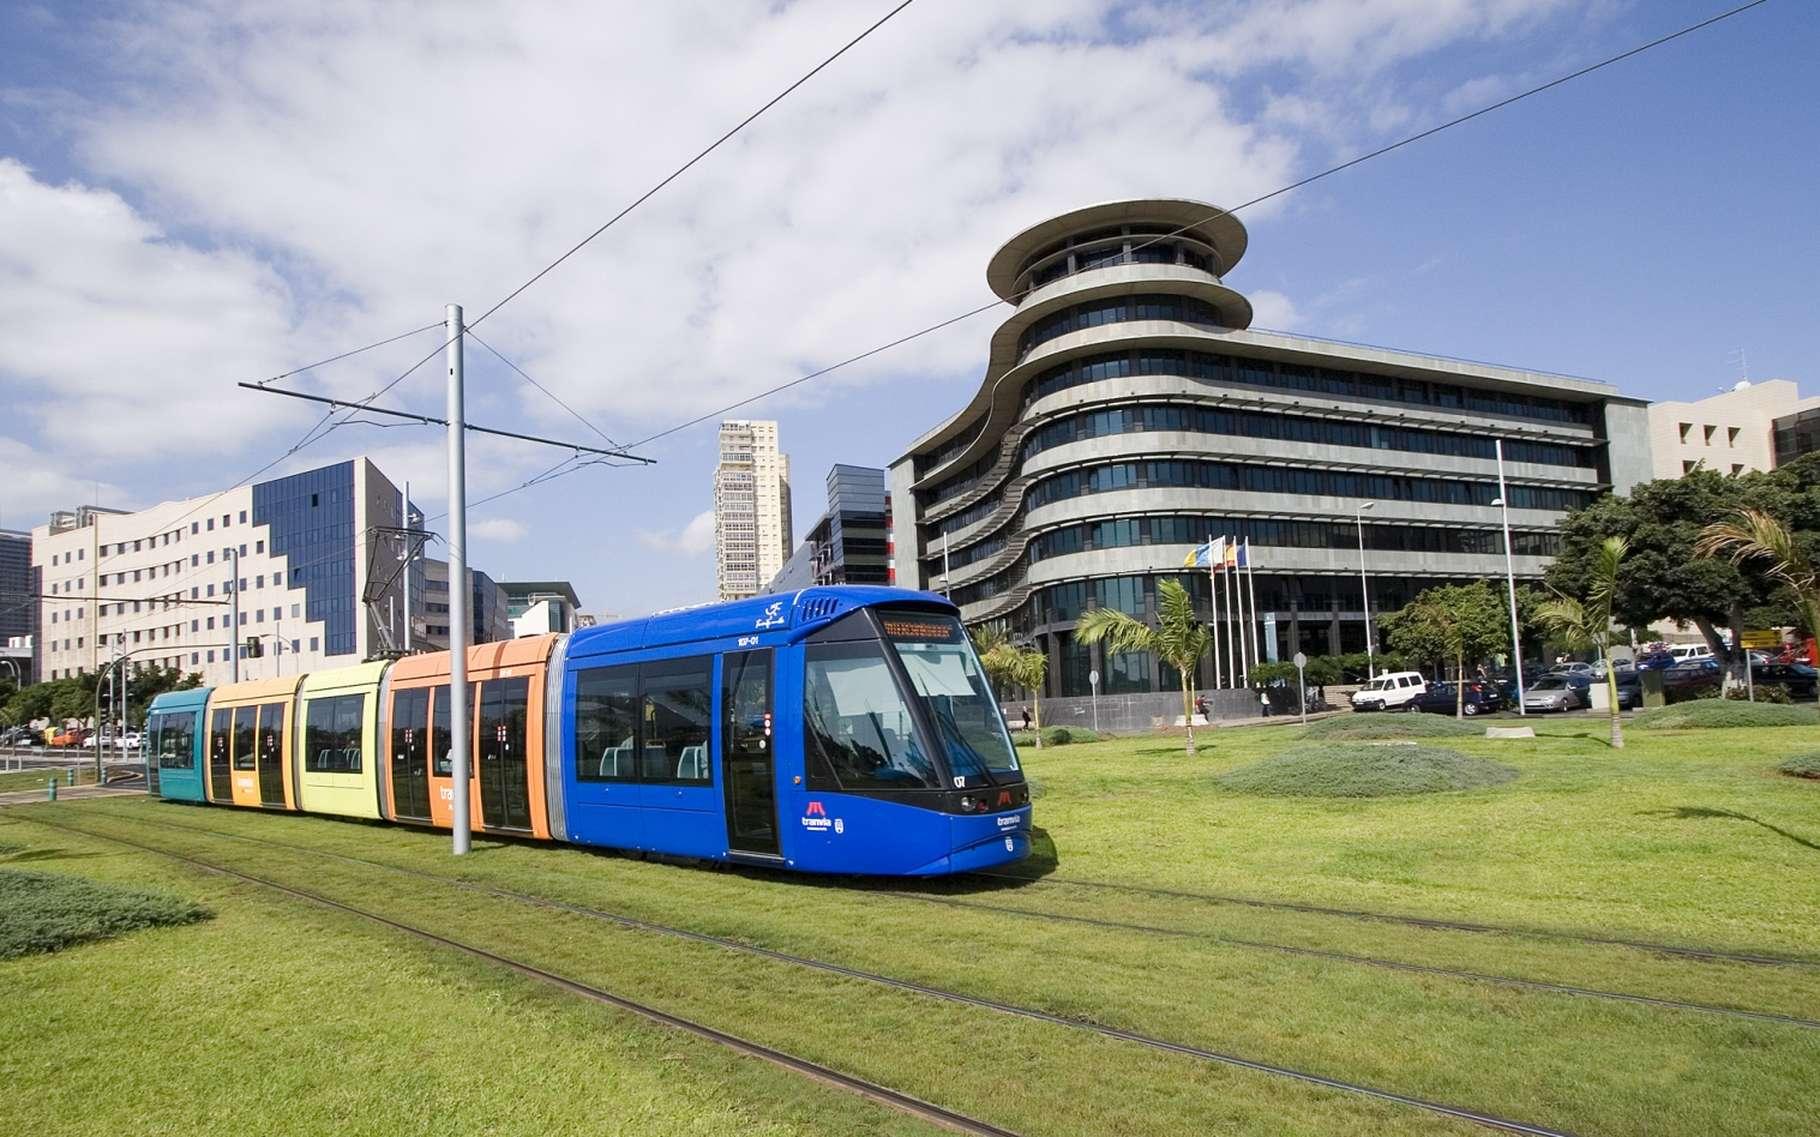 Le tramway de Santa Cruz de Ténérife, aux Canaries. La pluralité des moyens de transport rend indispensables des moyens de paiement universels. © MTSA